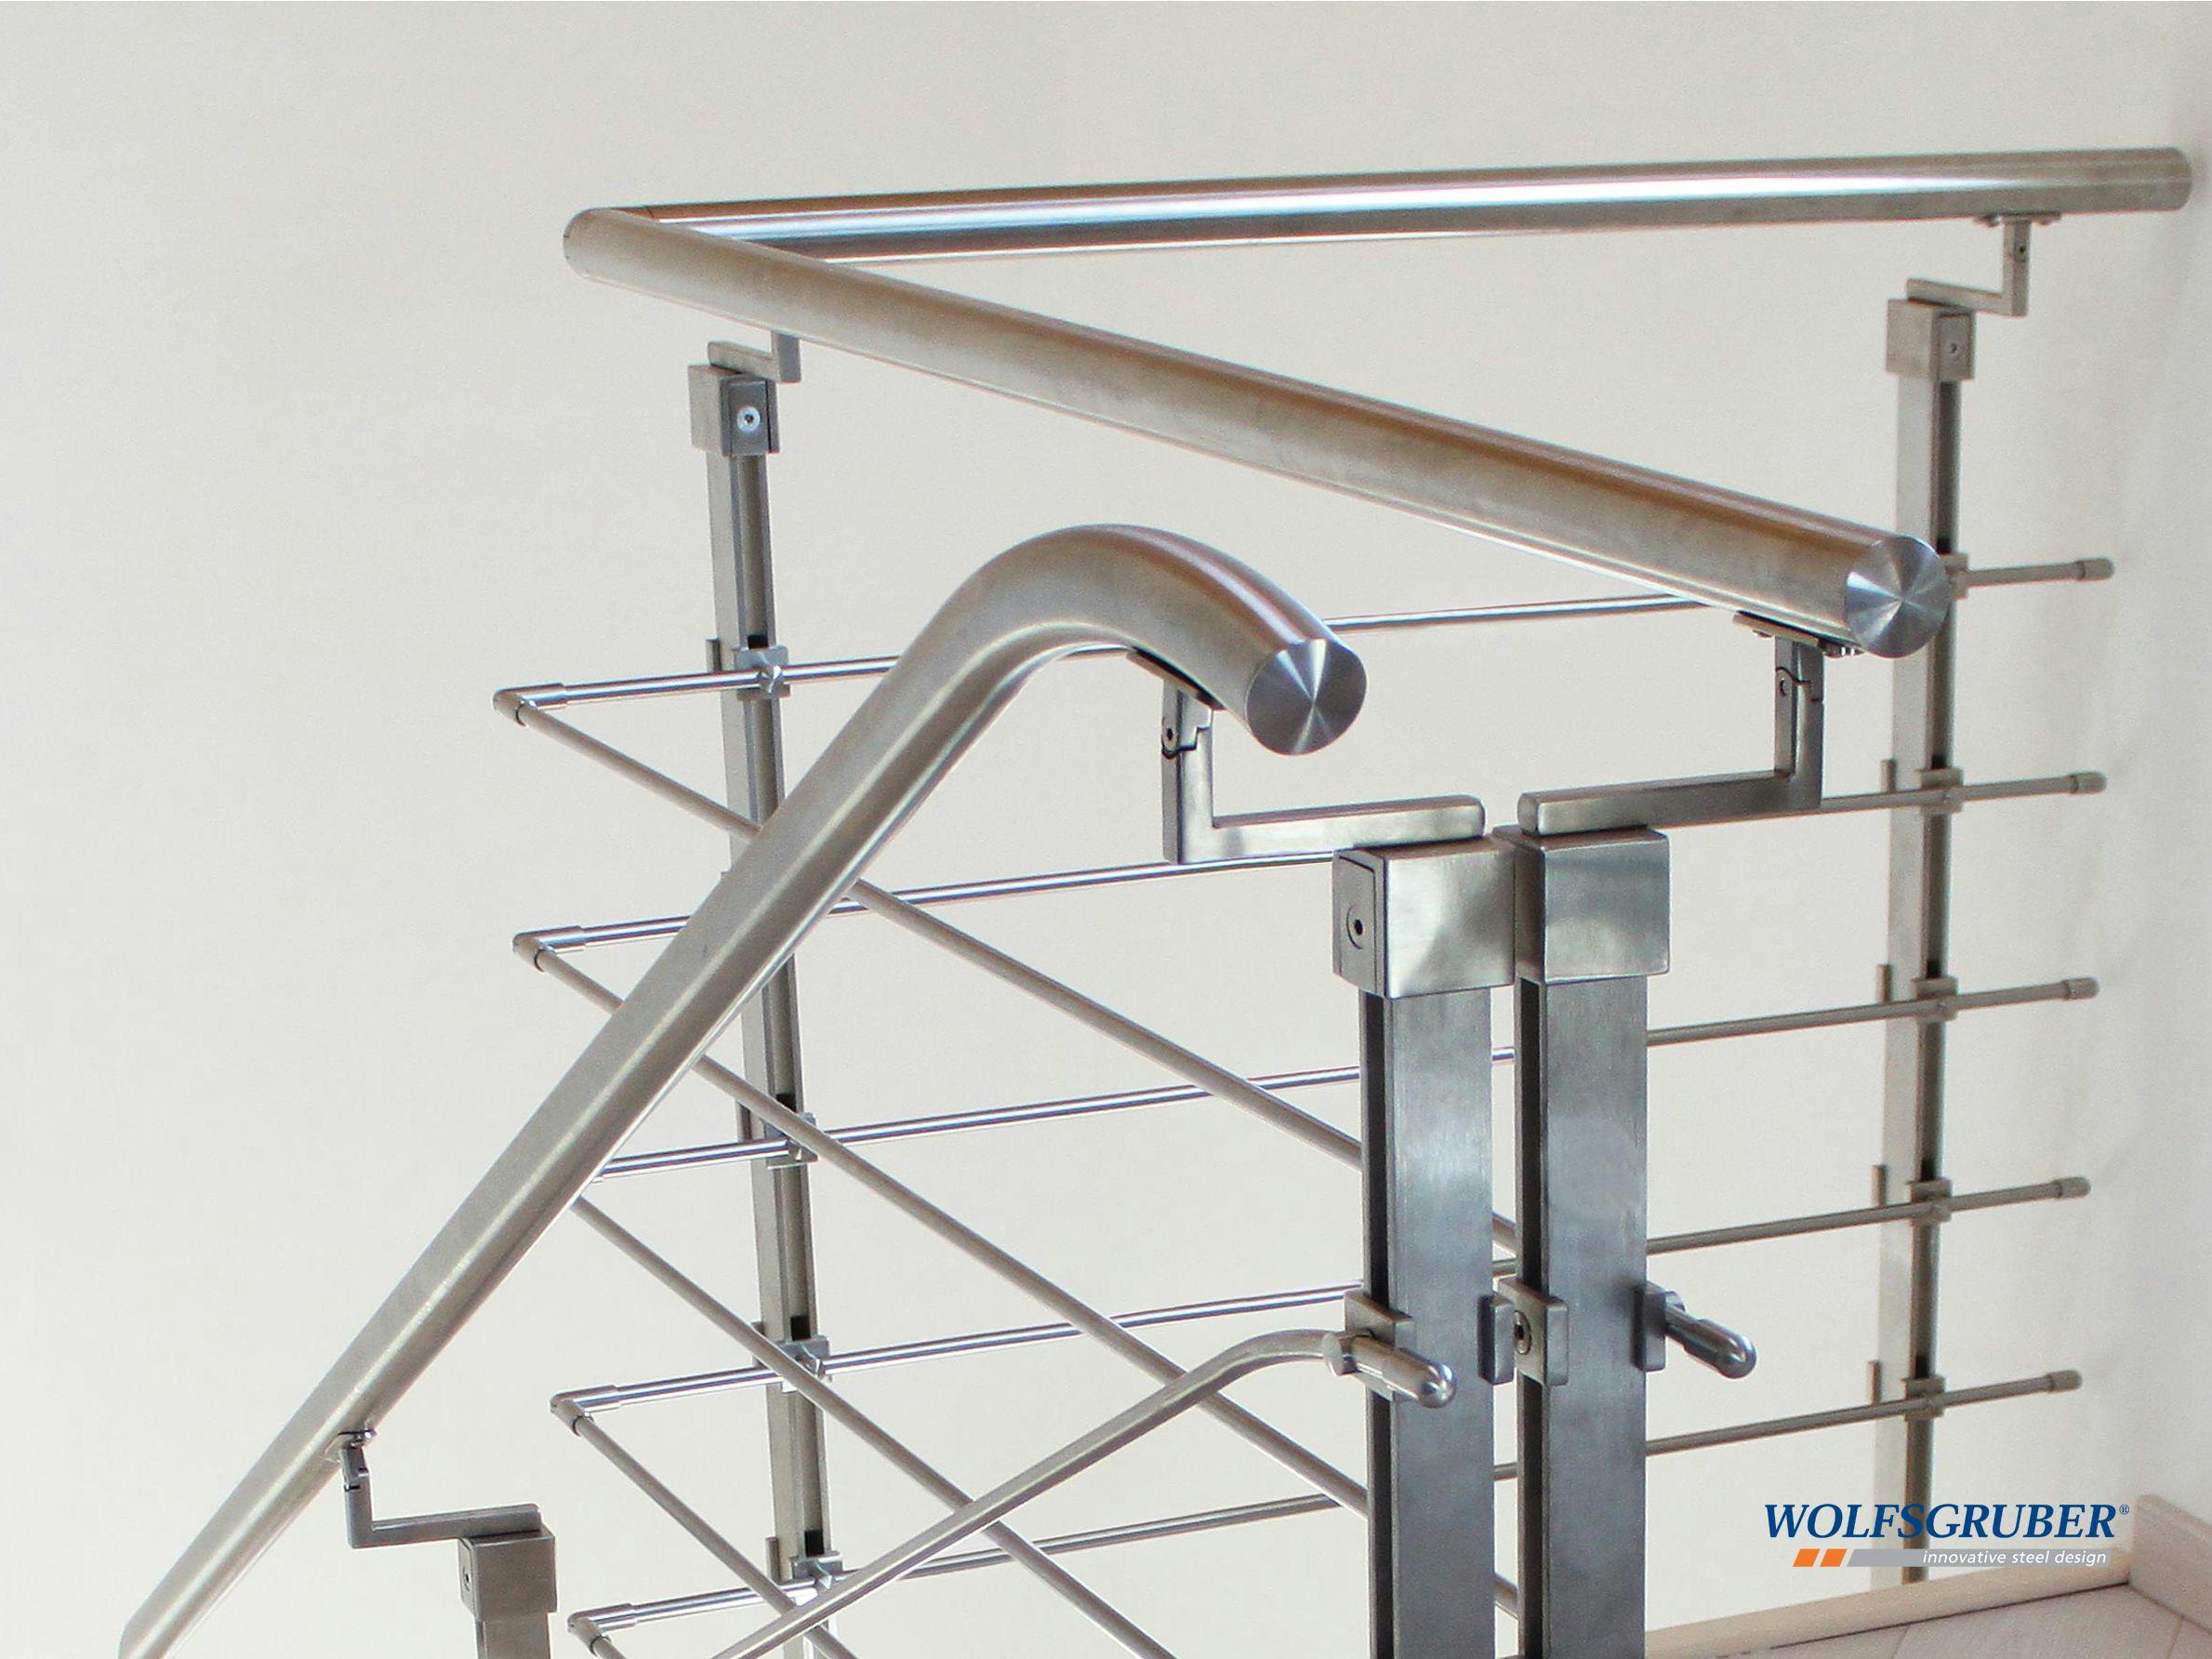 Baranda de acero inoxidable inox step system by wolfsgruber - Escaleras de acero ...